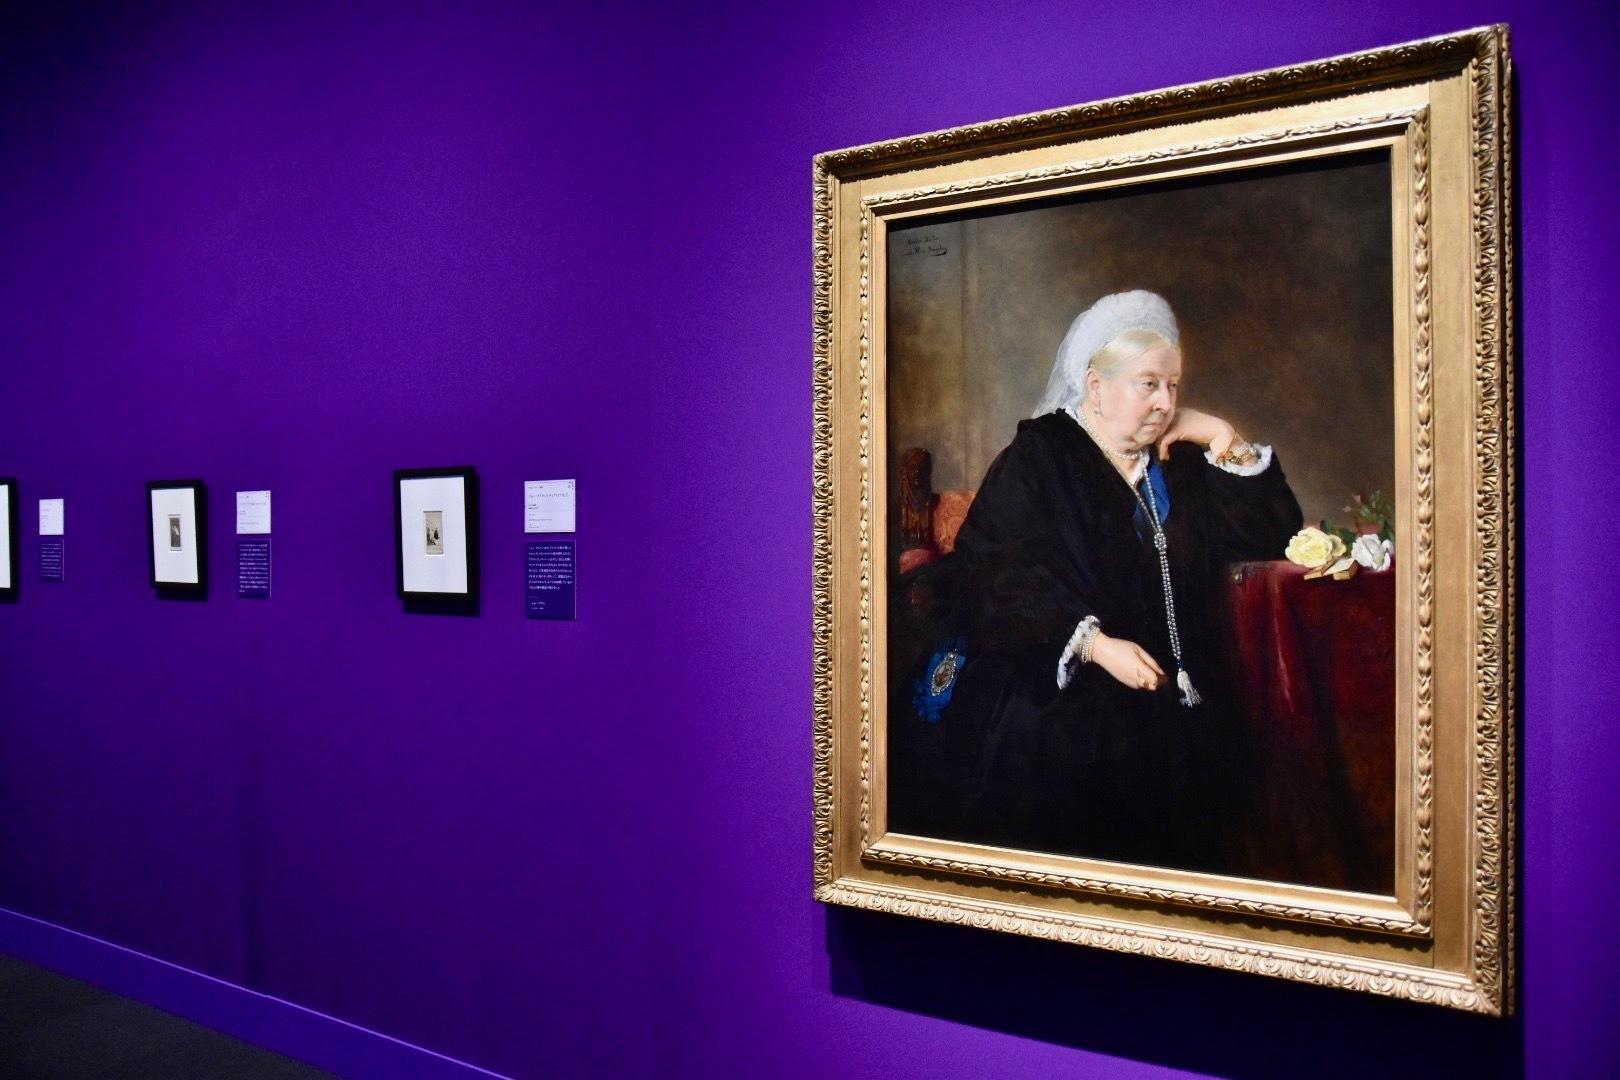 右:バーサ・ミュラー(ハインリッヒ・フォン・アンゲリの原作に基づく)《ヴィクトリア女王》1900年(原作:1899年)